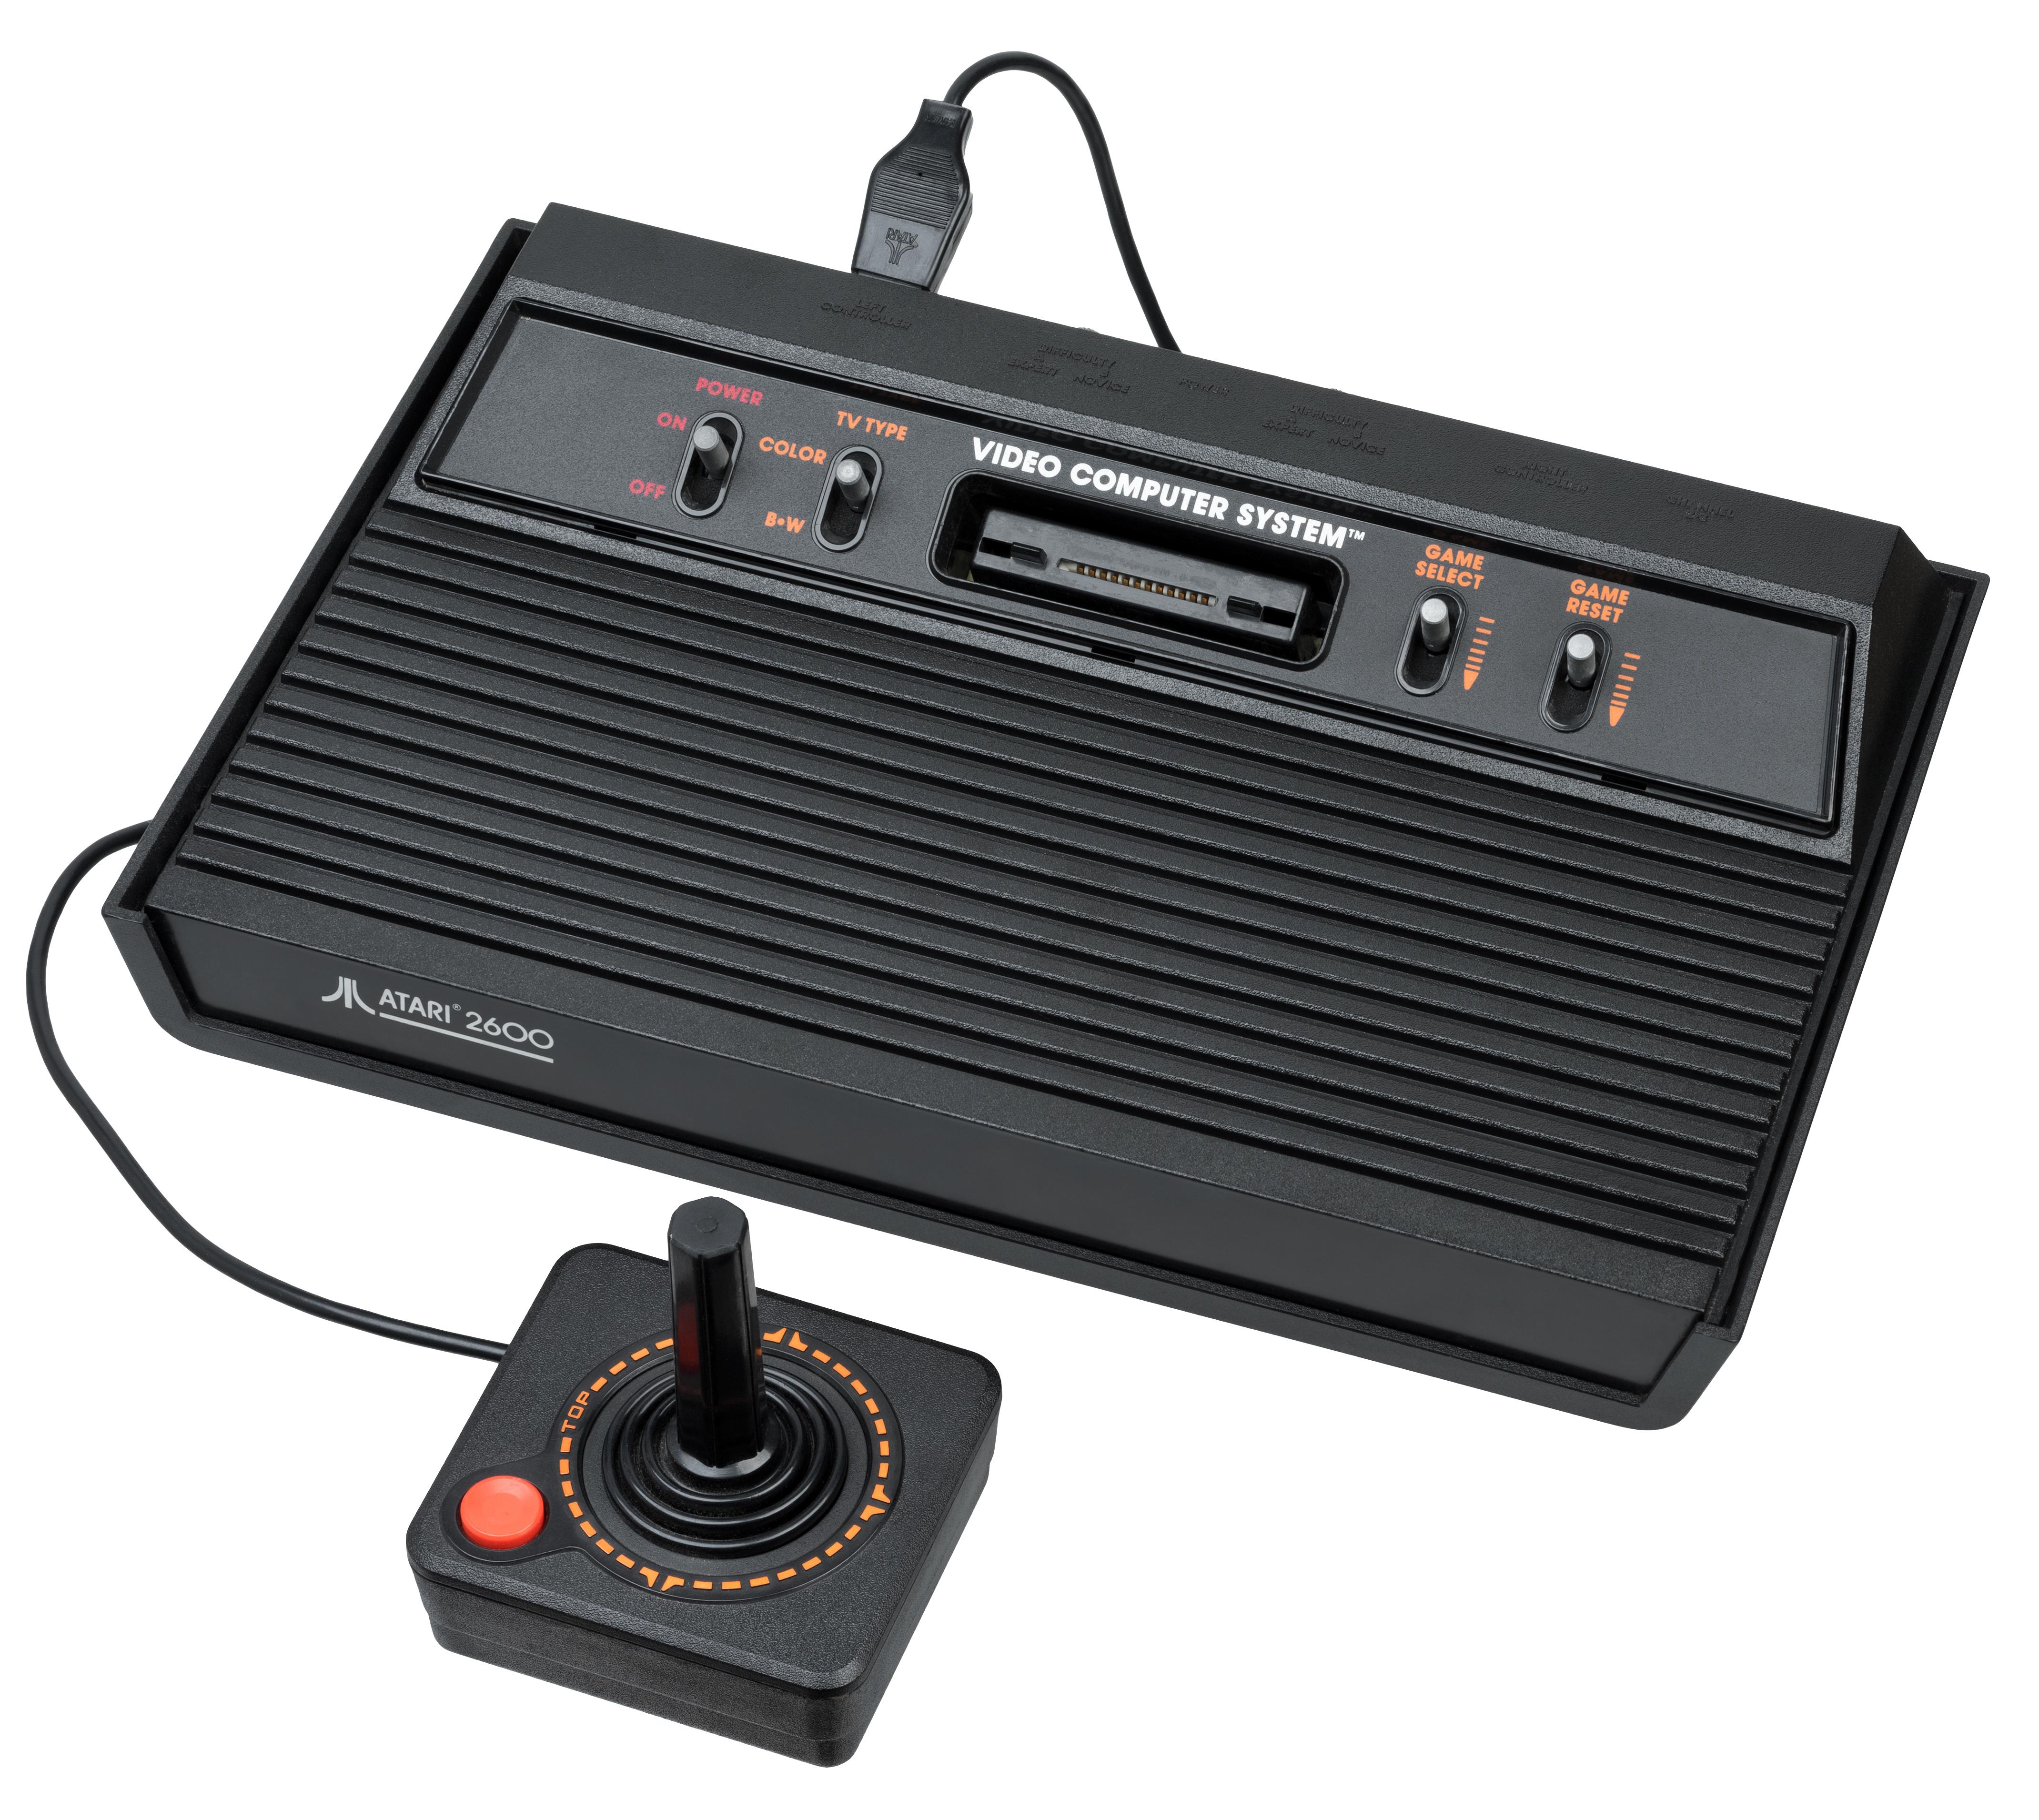 Atari 2600 hardware - Wikipedia